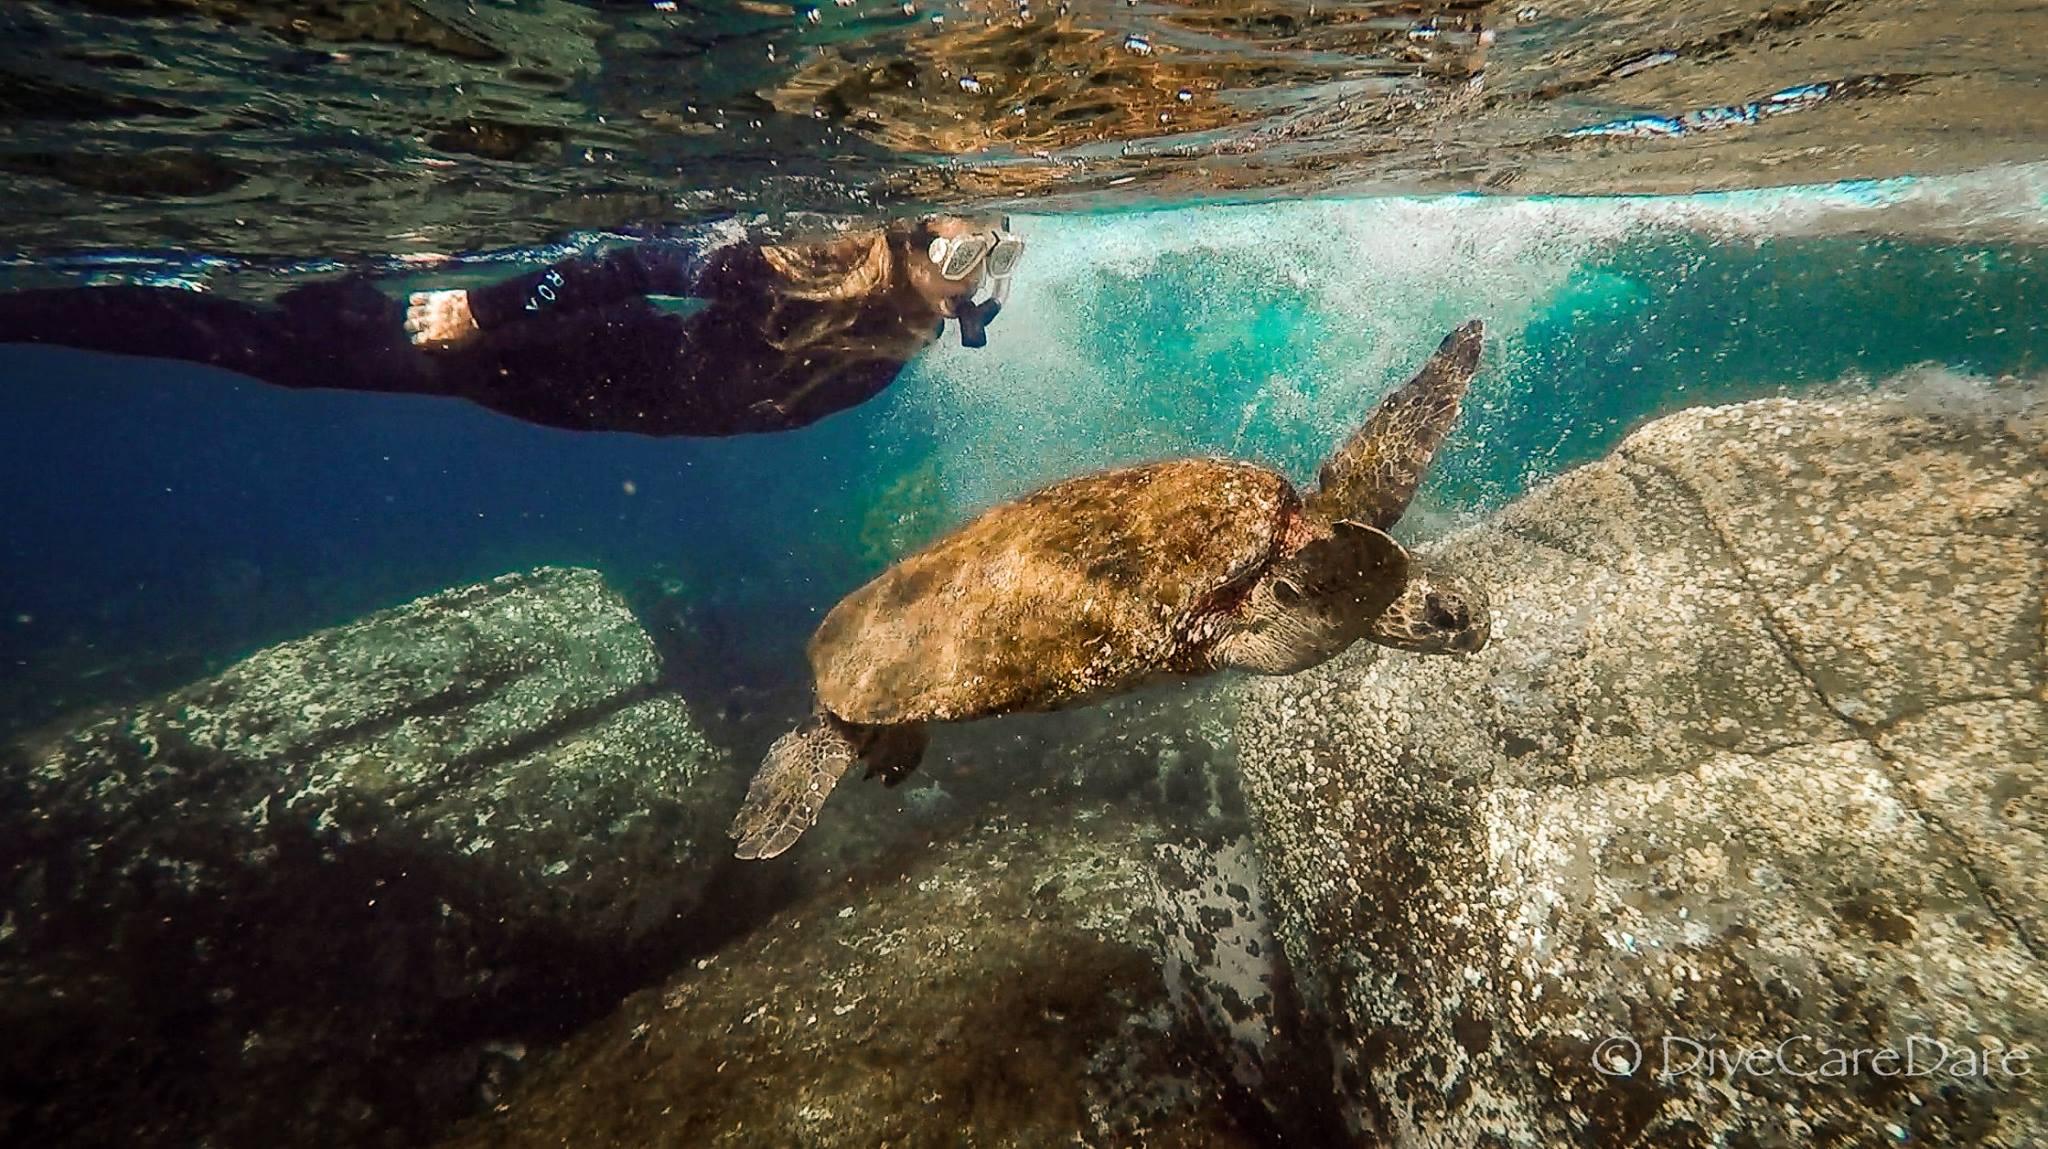 Mudjimba Island Snorkelling